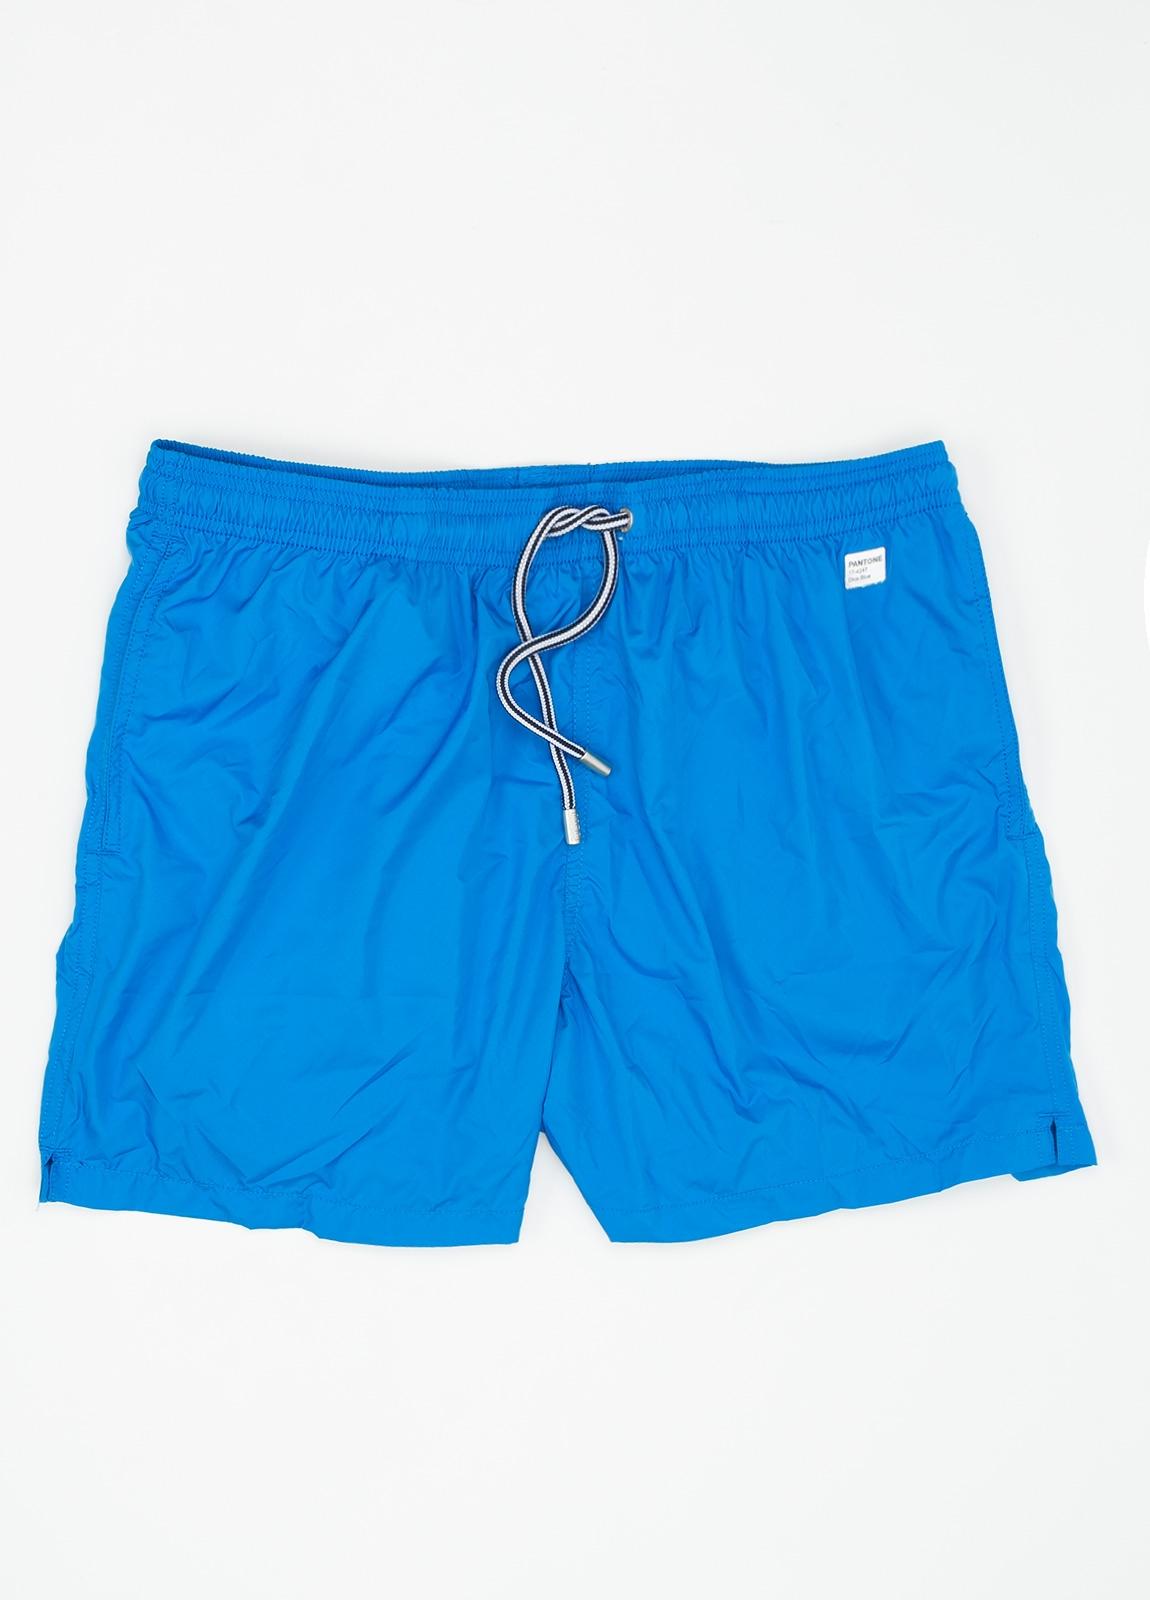 Bañador liso modelo SUPREME color azul, microfibra.